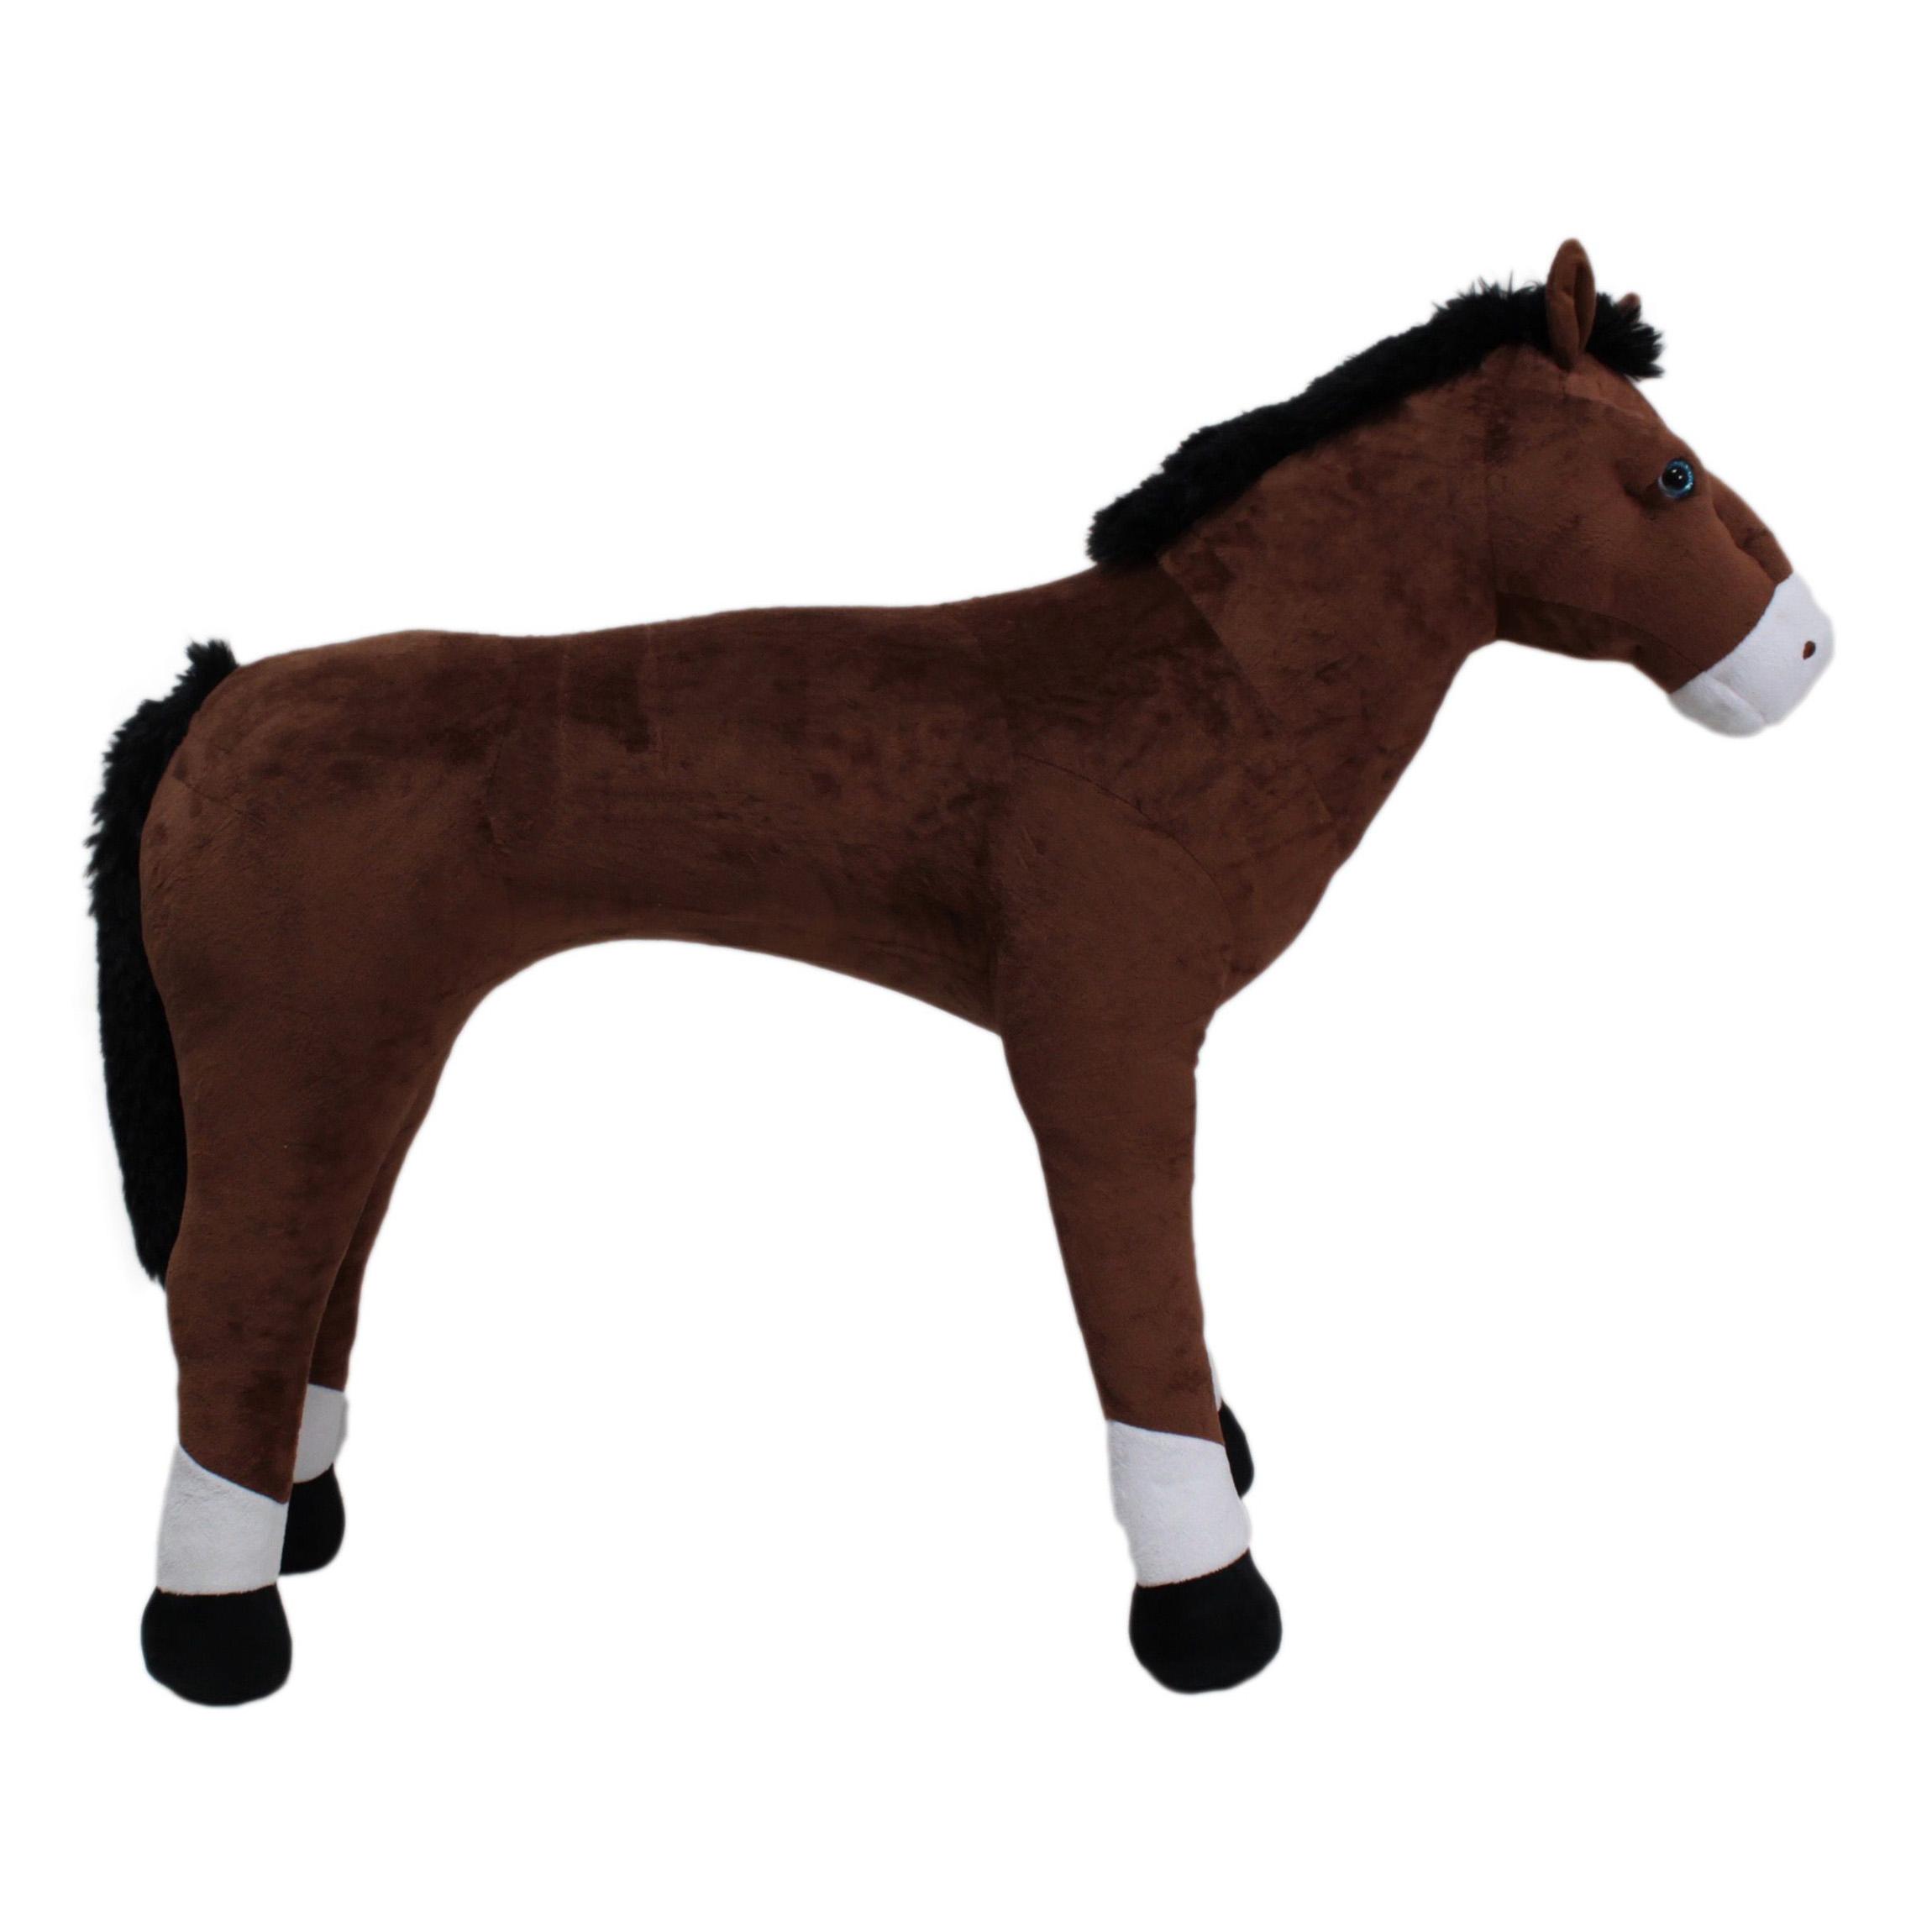 Ranger Standing Horse Rockin Rider